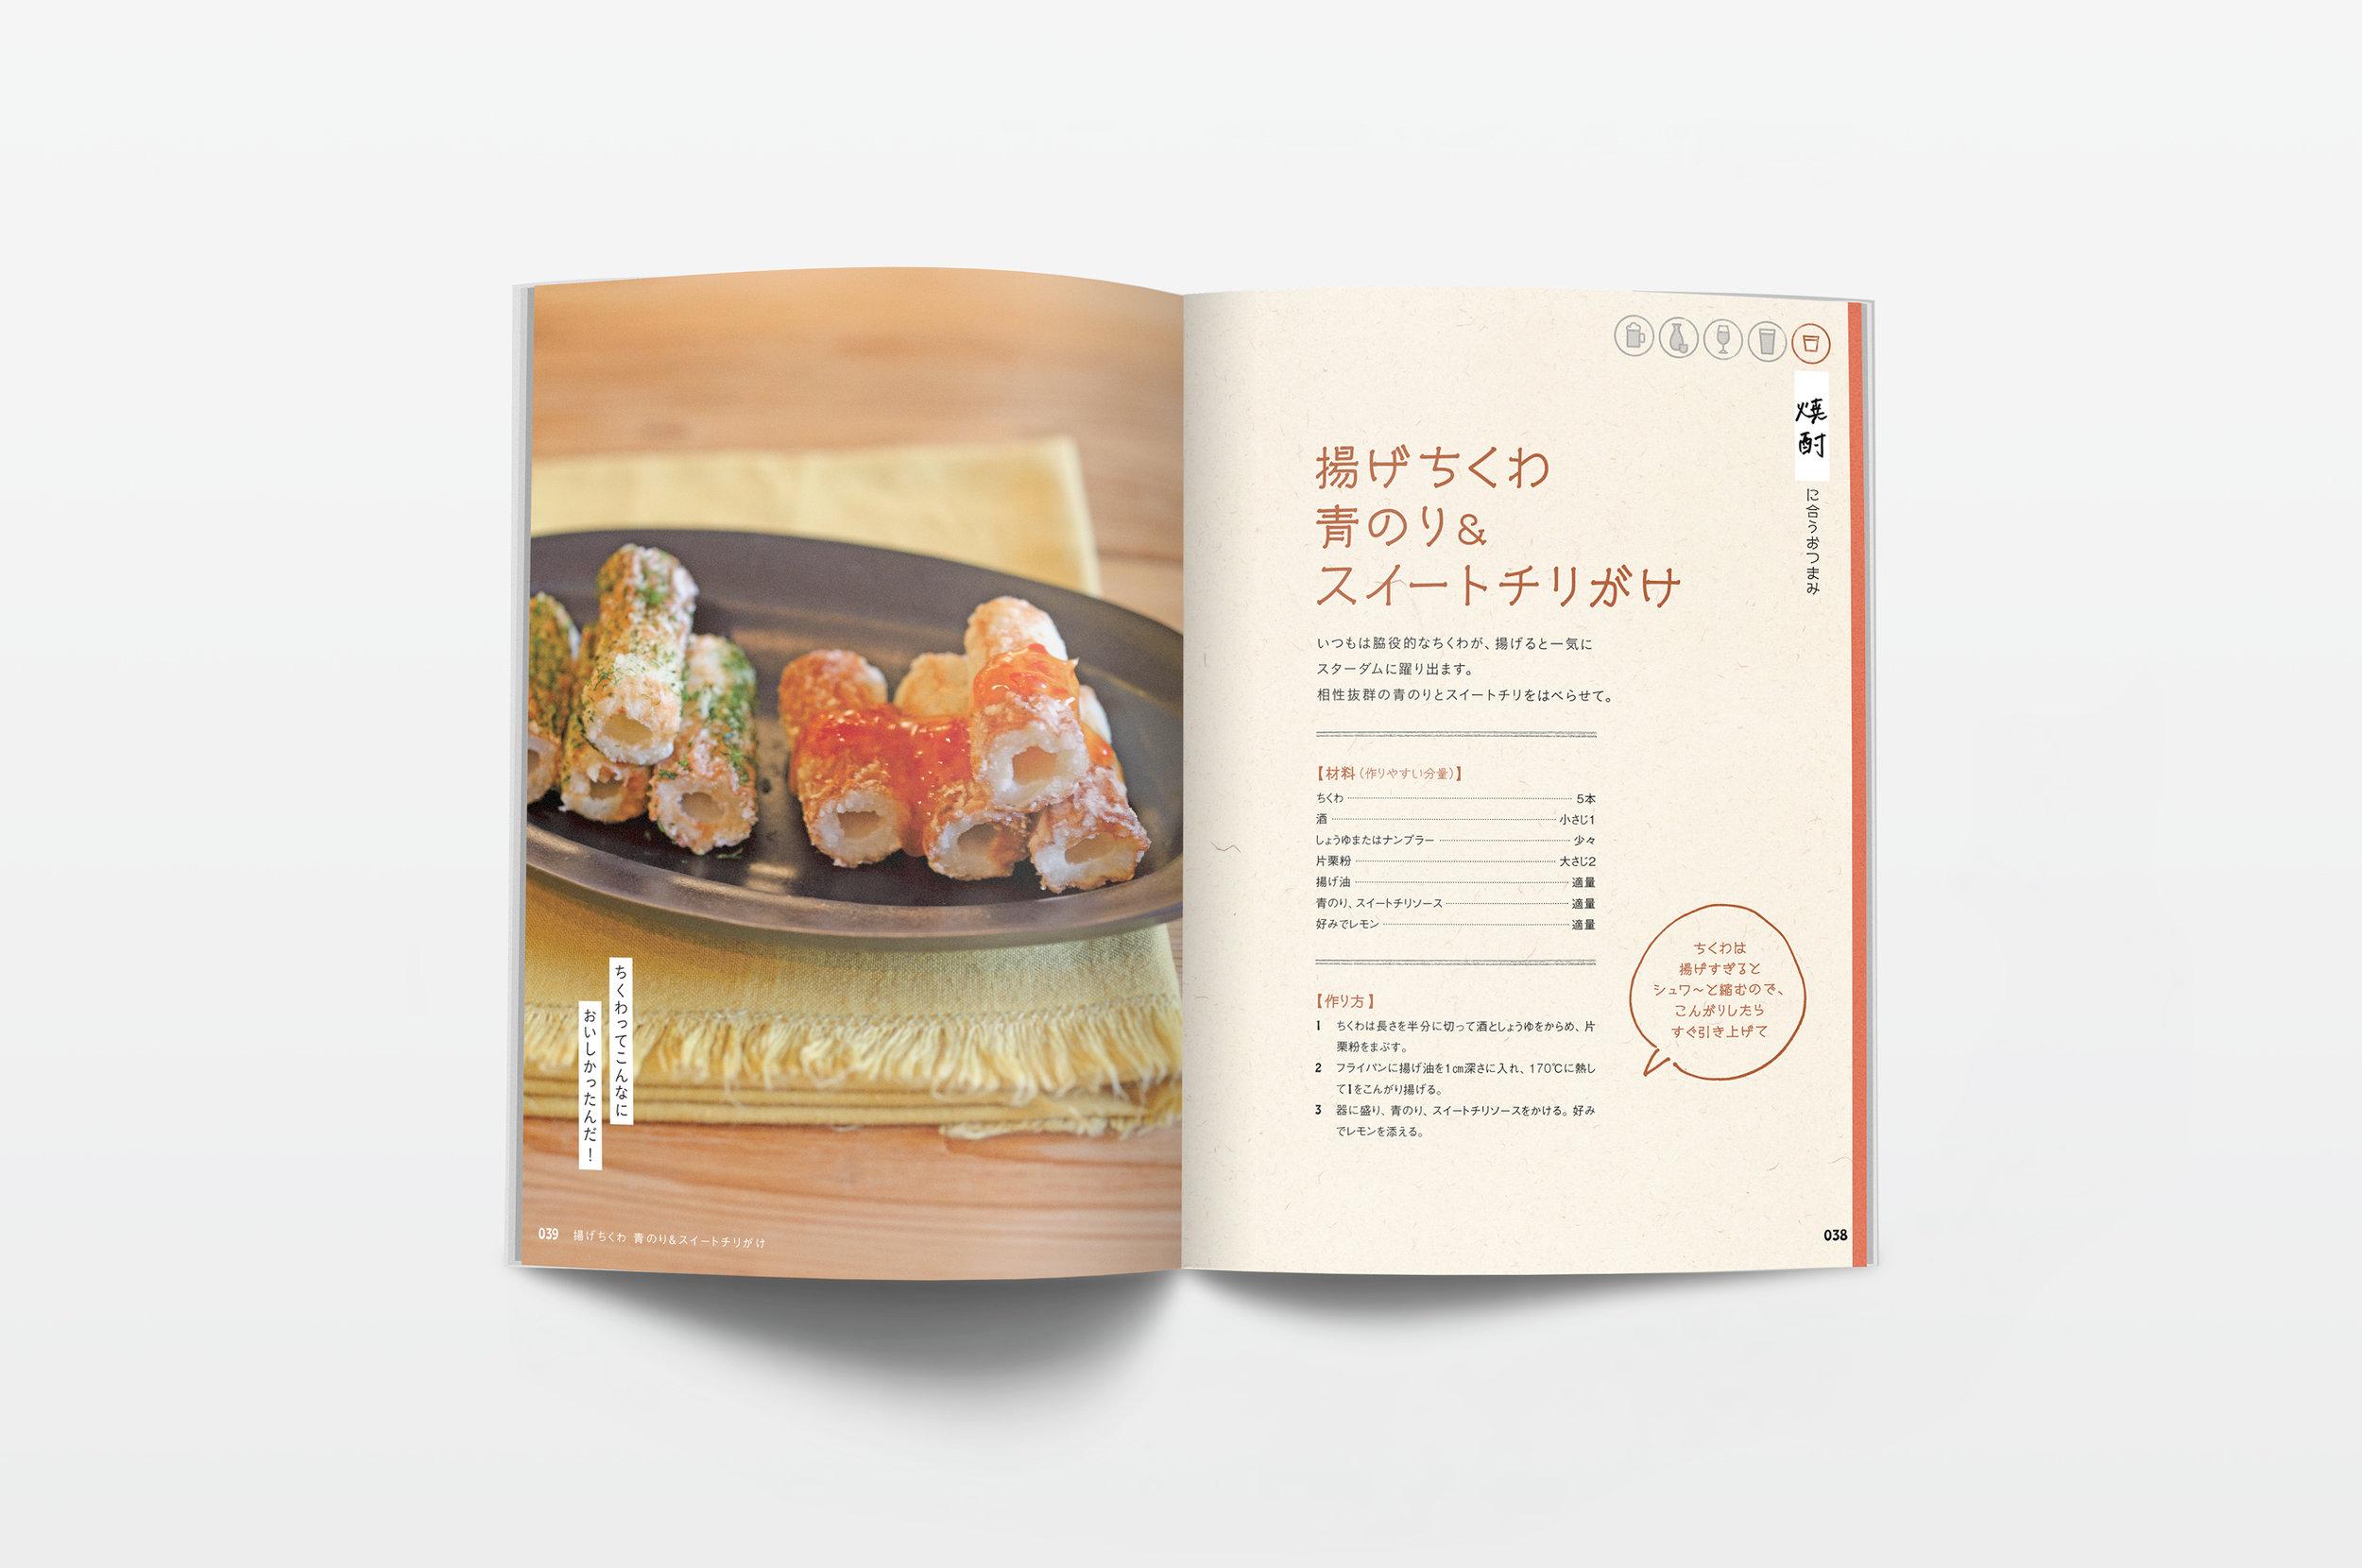 20181207_Izakaya_3.jpg